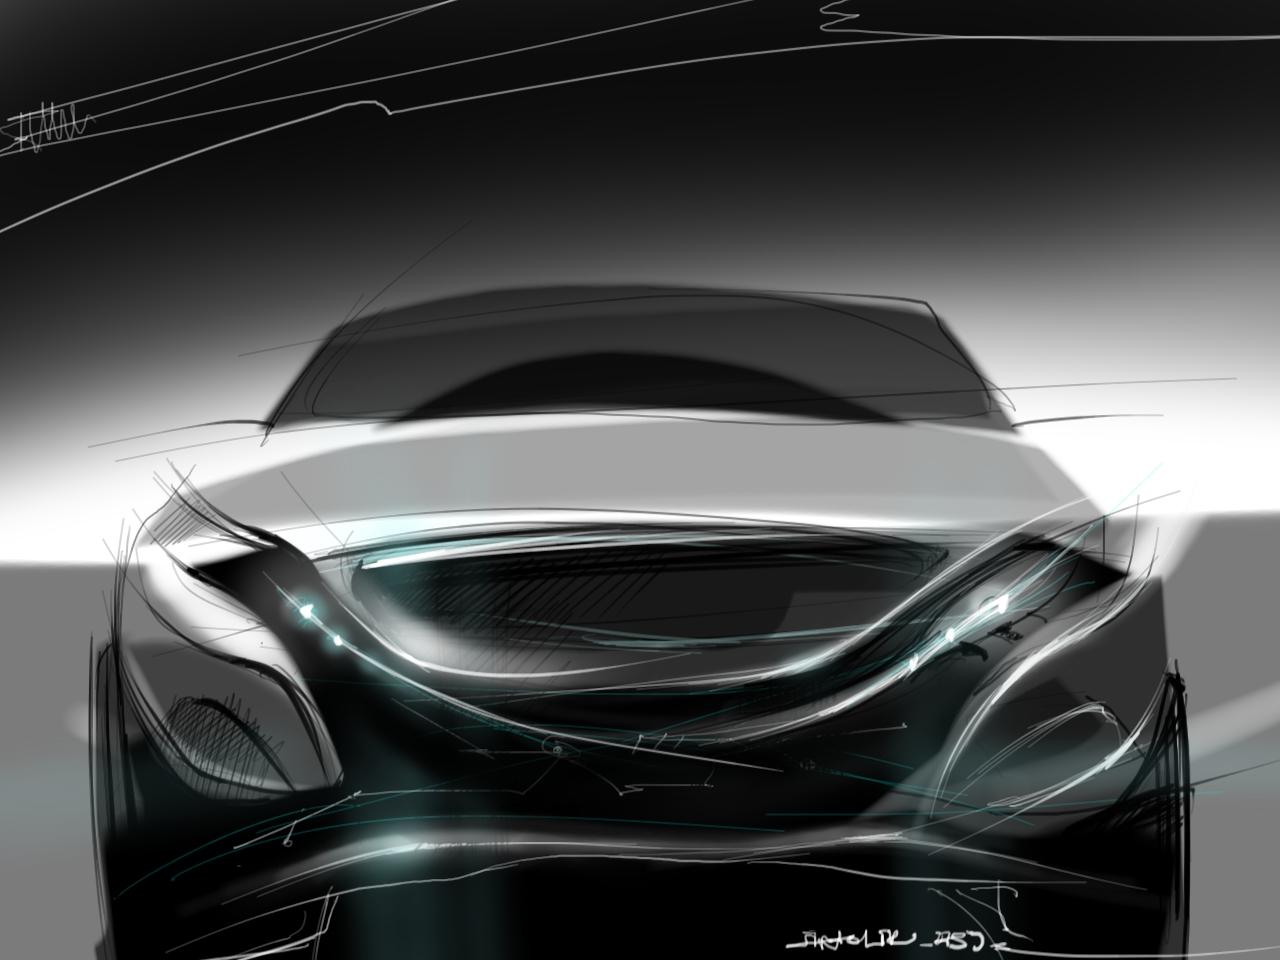 концепт автомобиля среднего класса